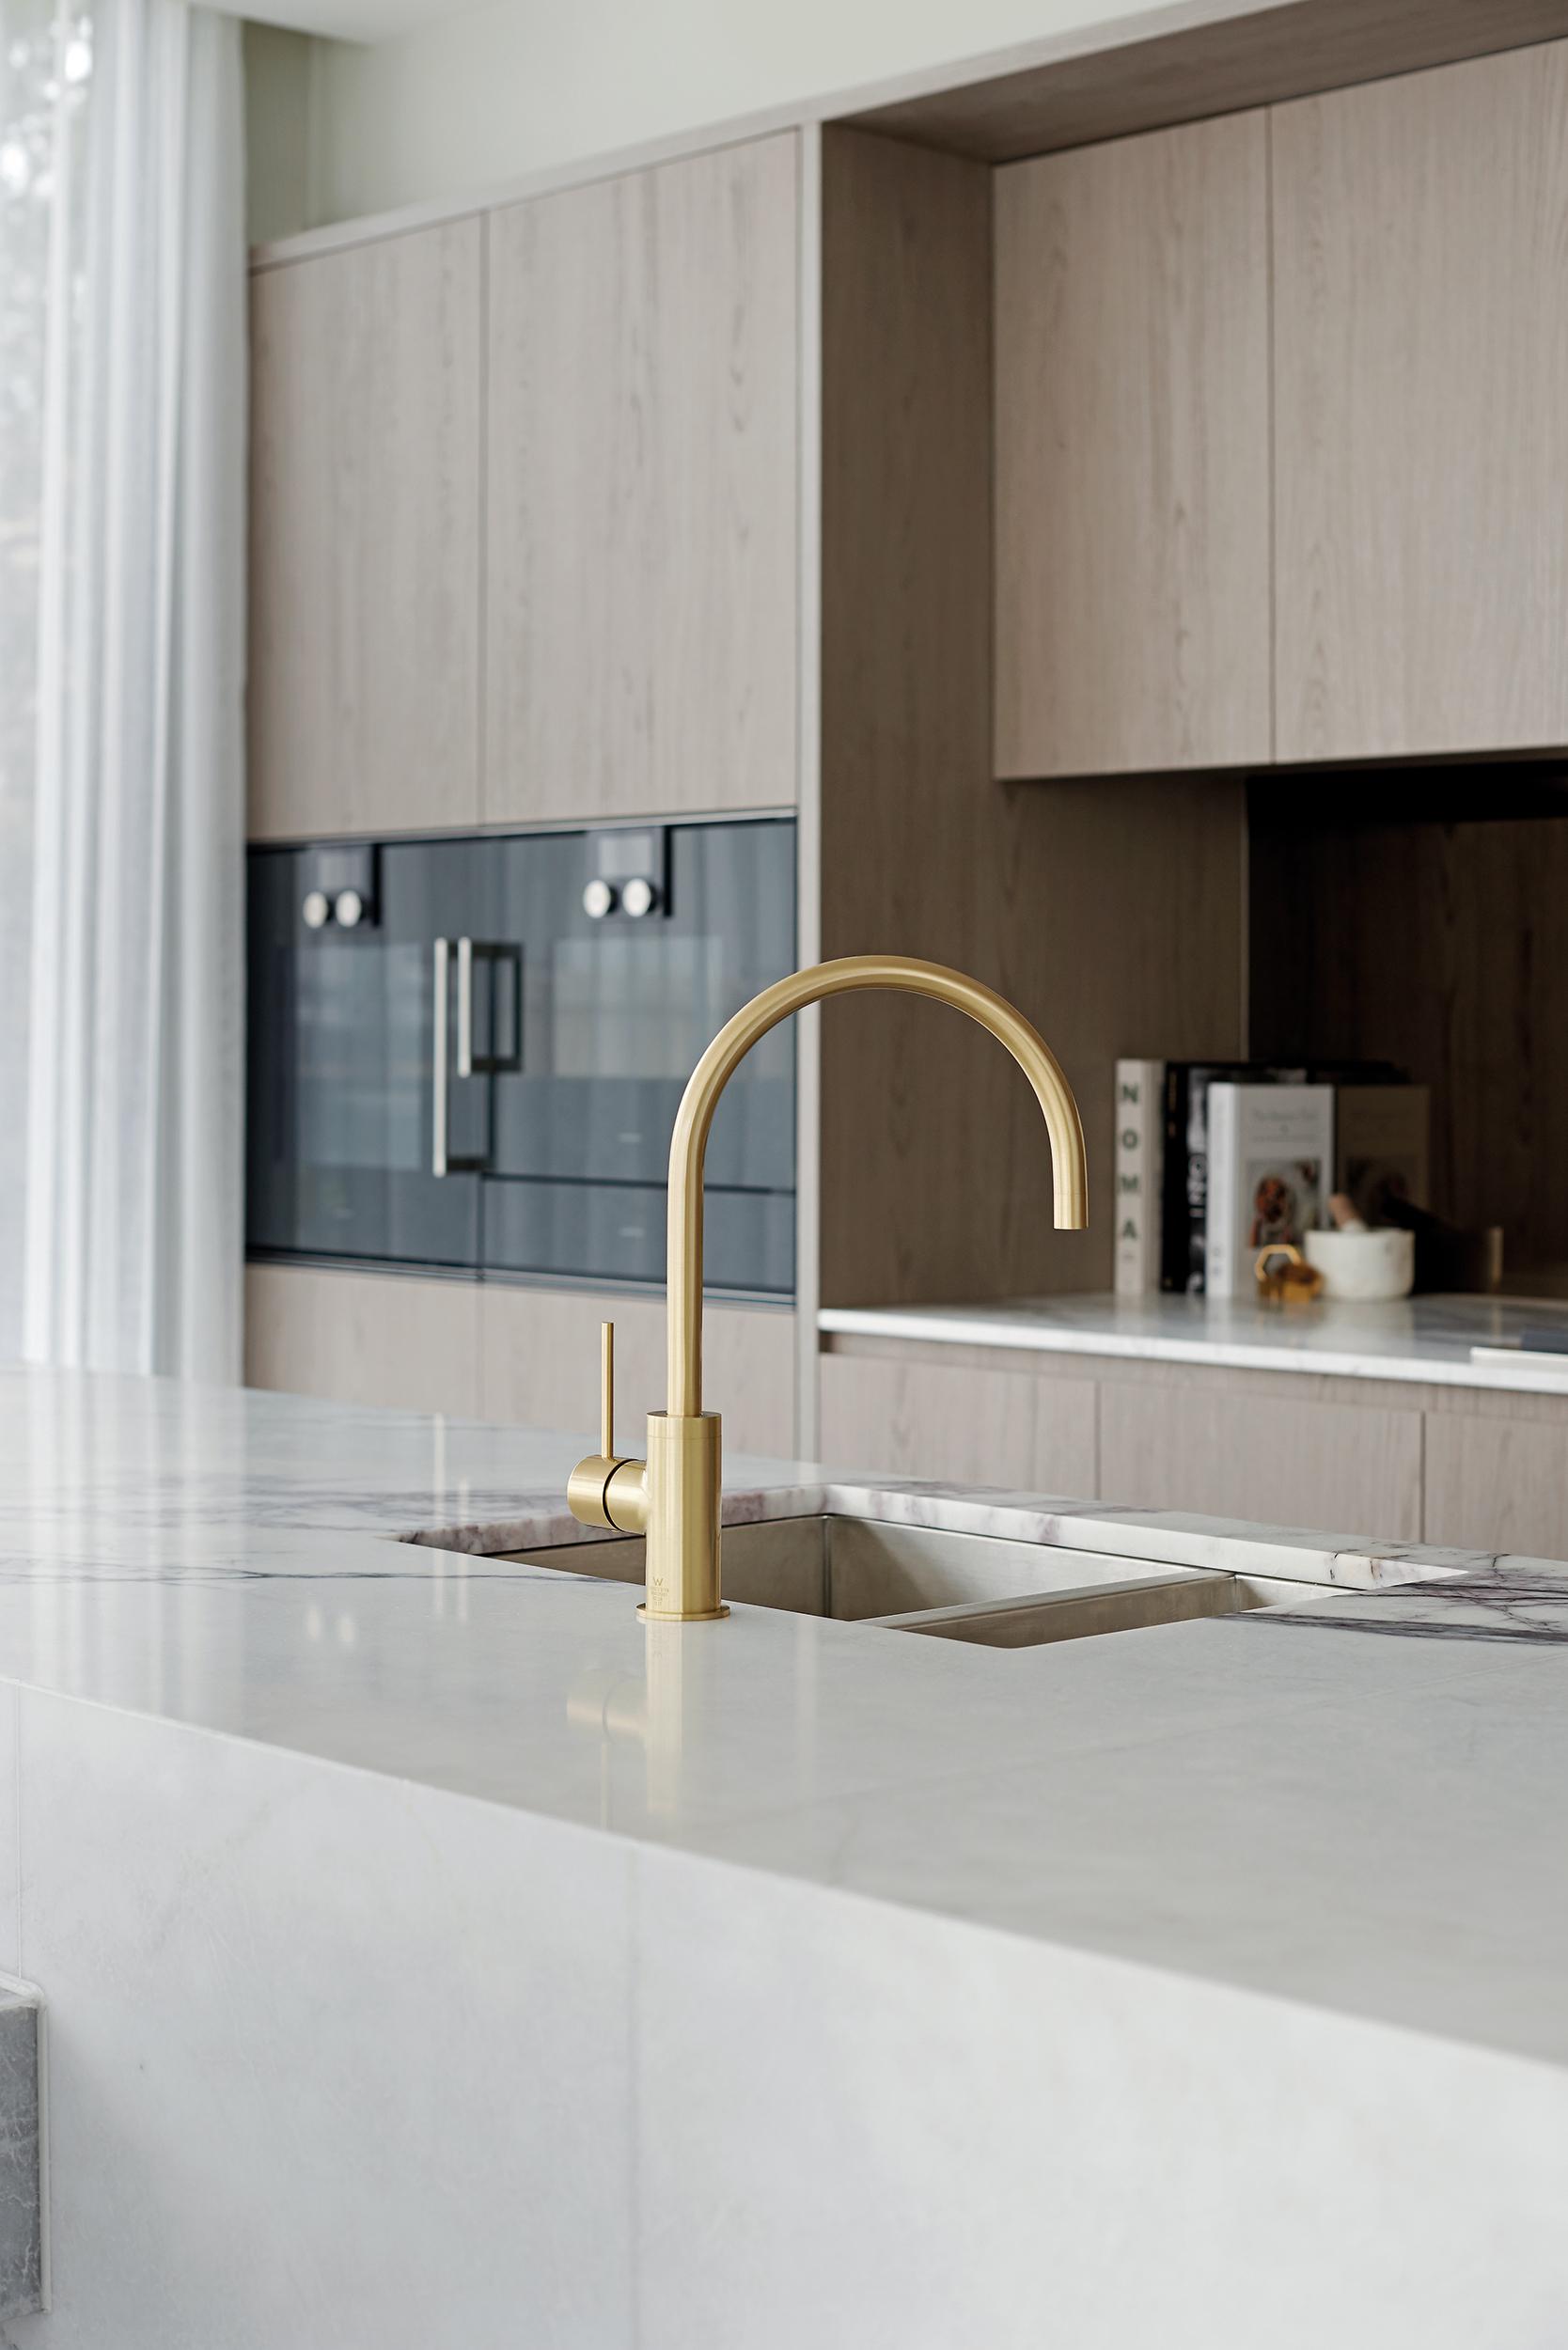 Phoenix's Vivid Slimline Sink Mixer Gooseneck in Brushed Gold